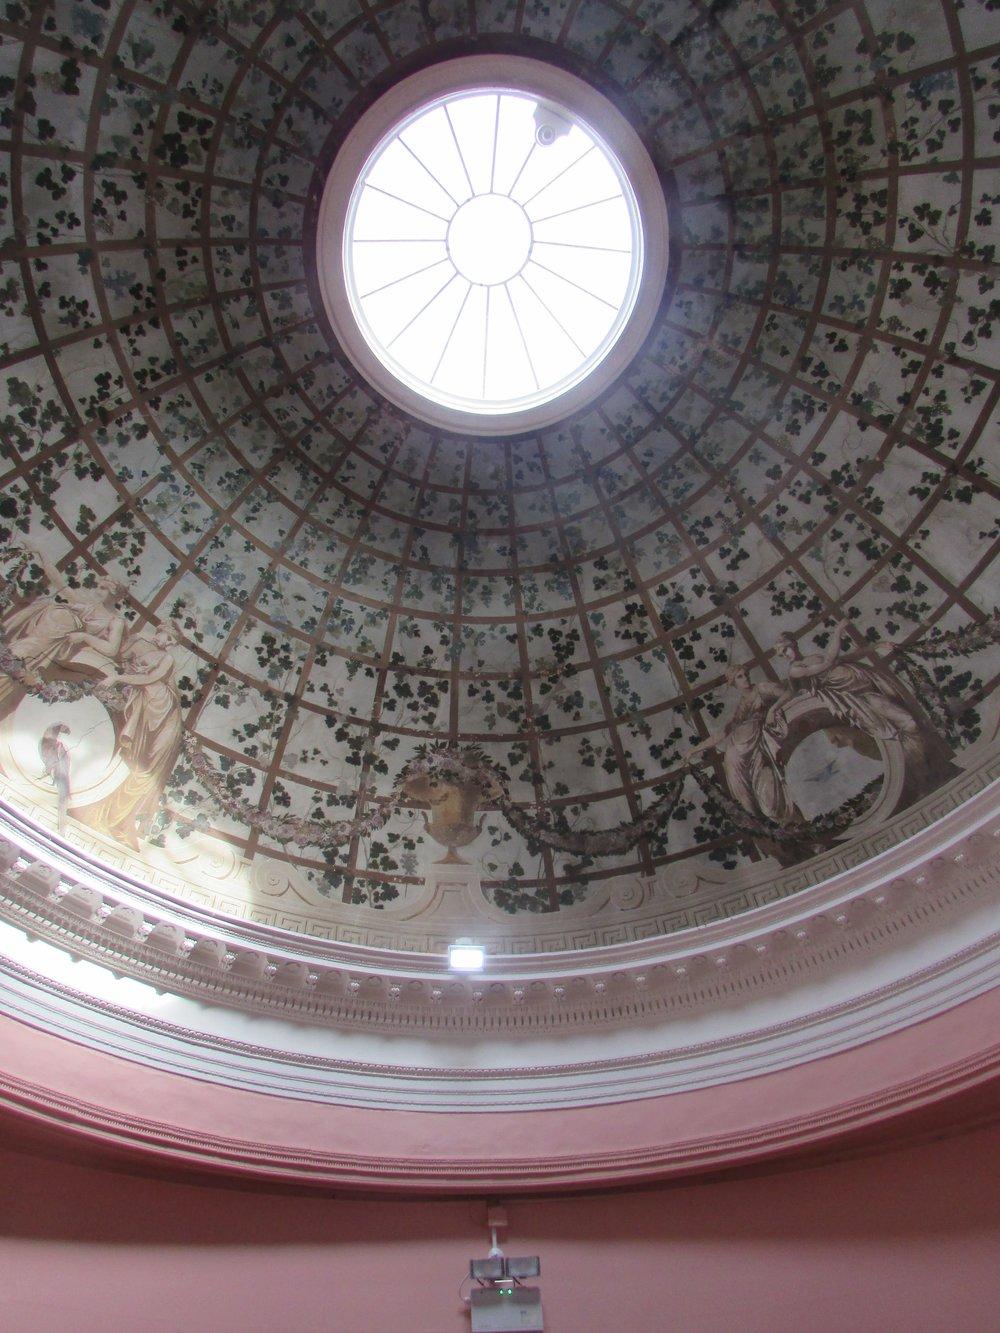 Stowe menagerie ceiling.jpg